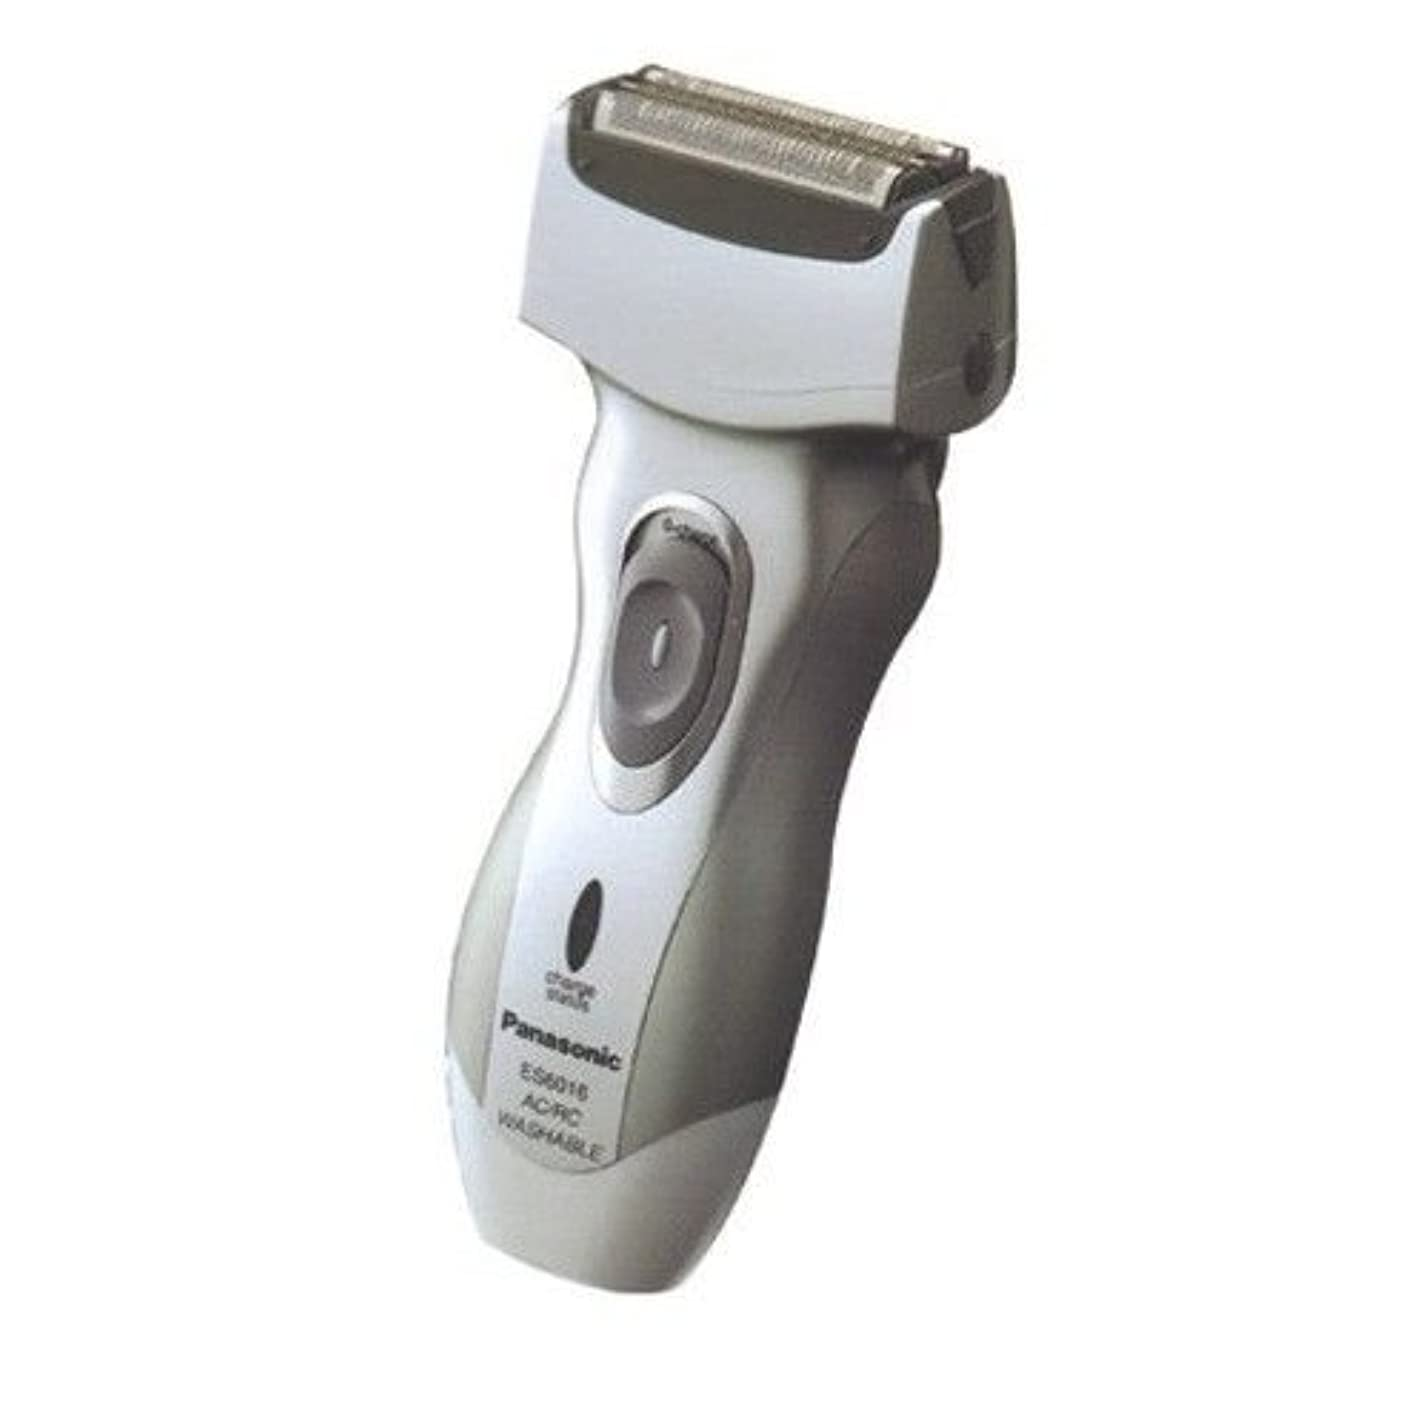 何開業医証人Panasonic ES6016 電気シェーバーかみそり男性トリマークリッパー ES-6016 と [並行輸入品]